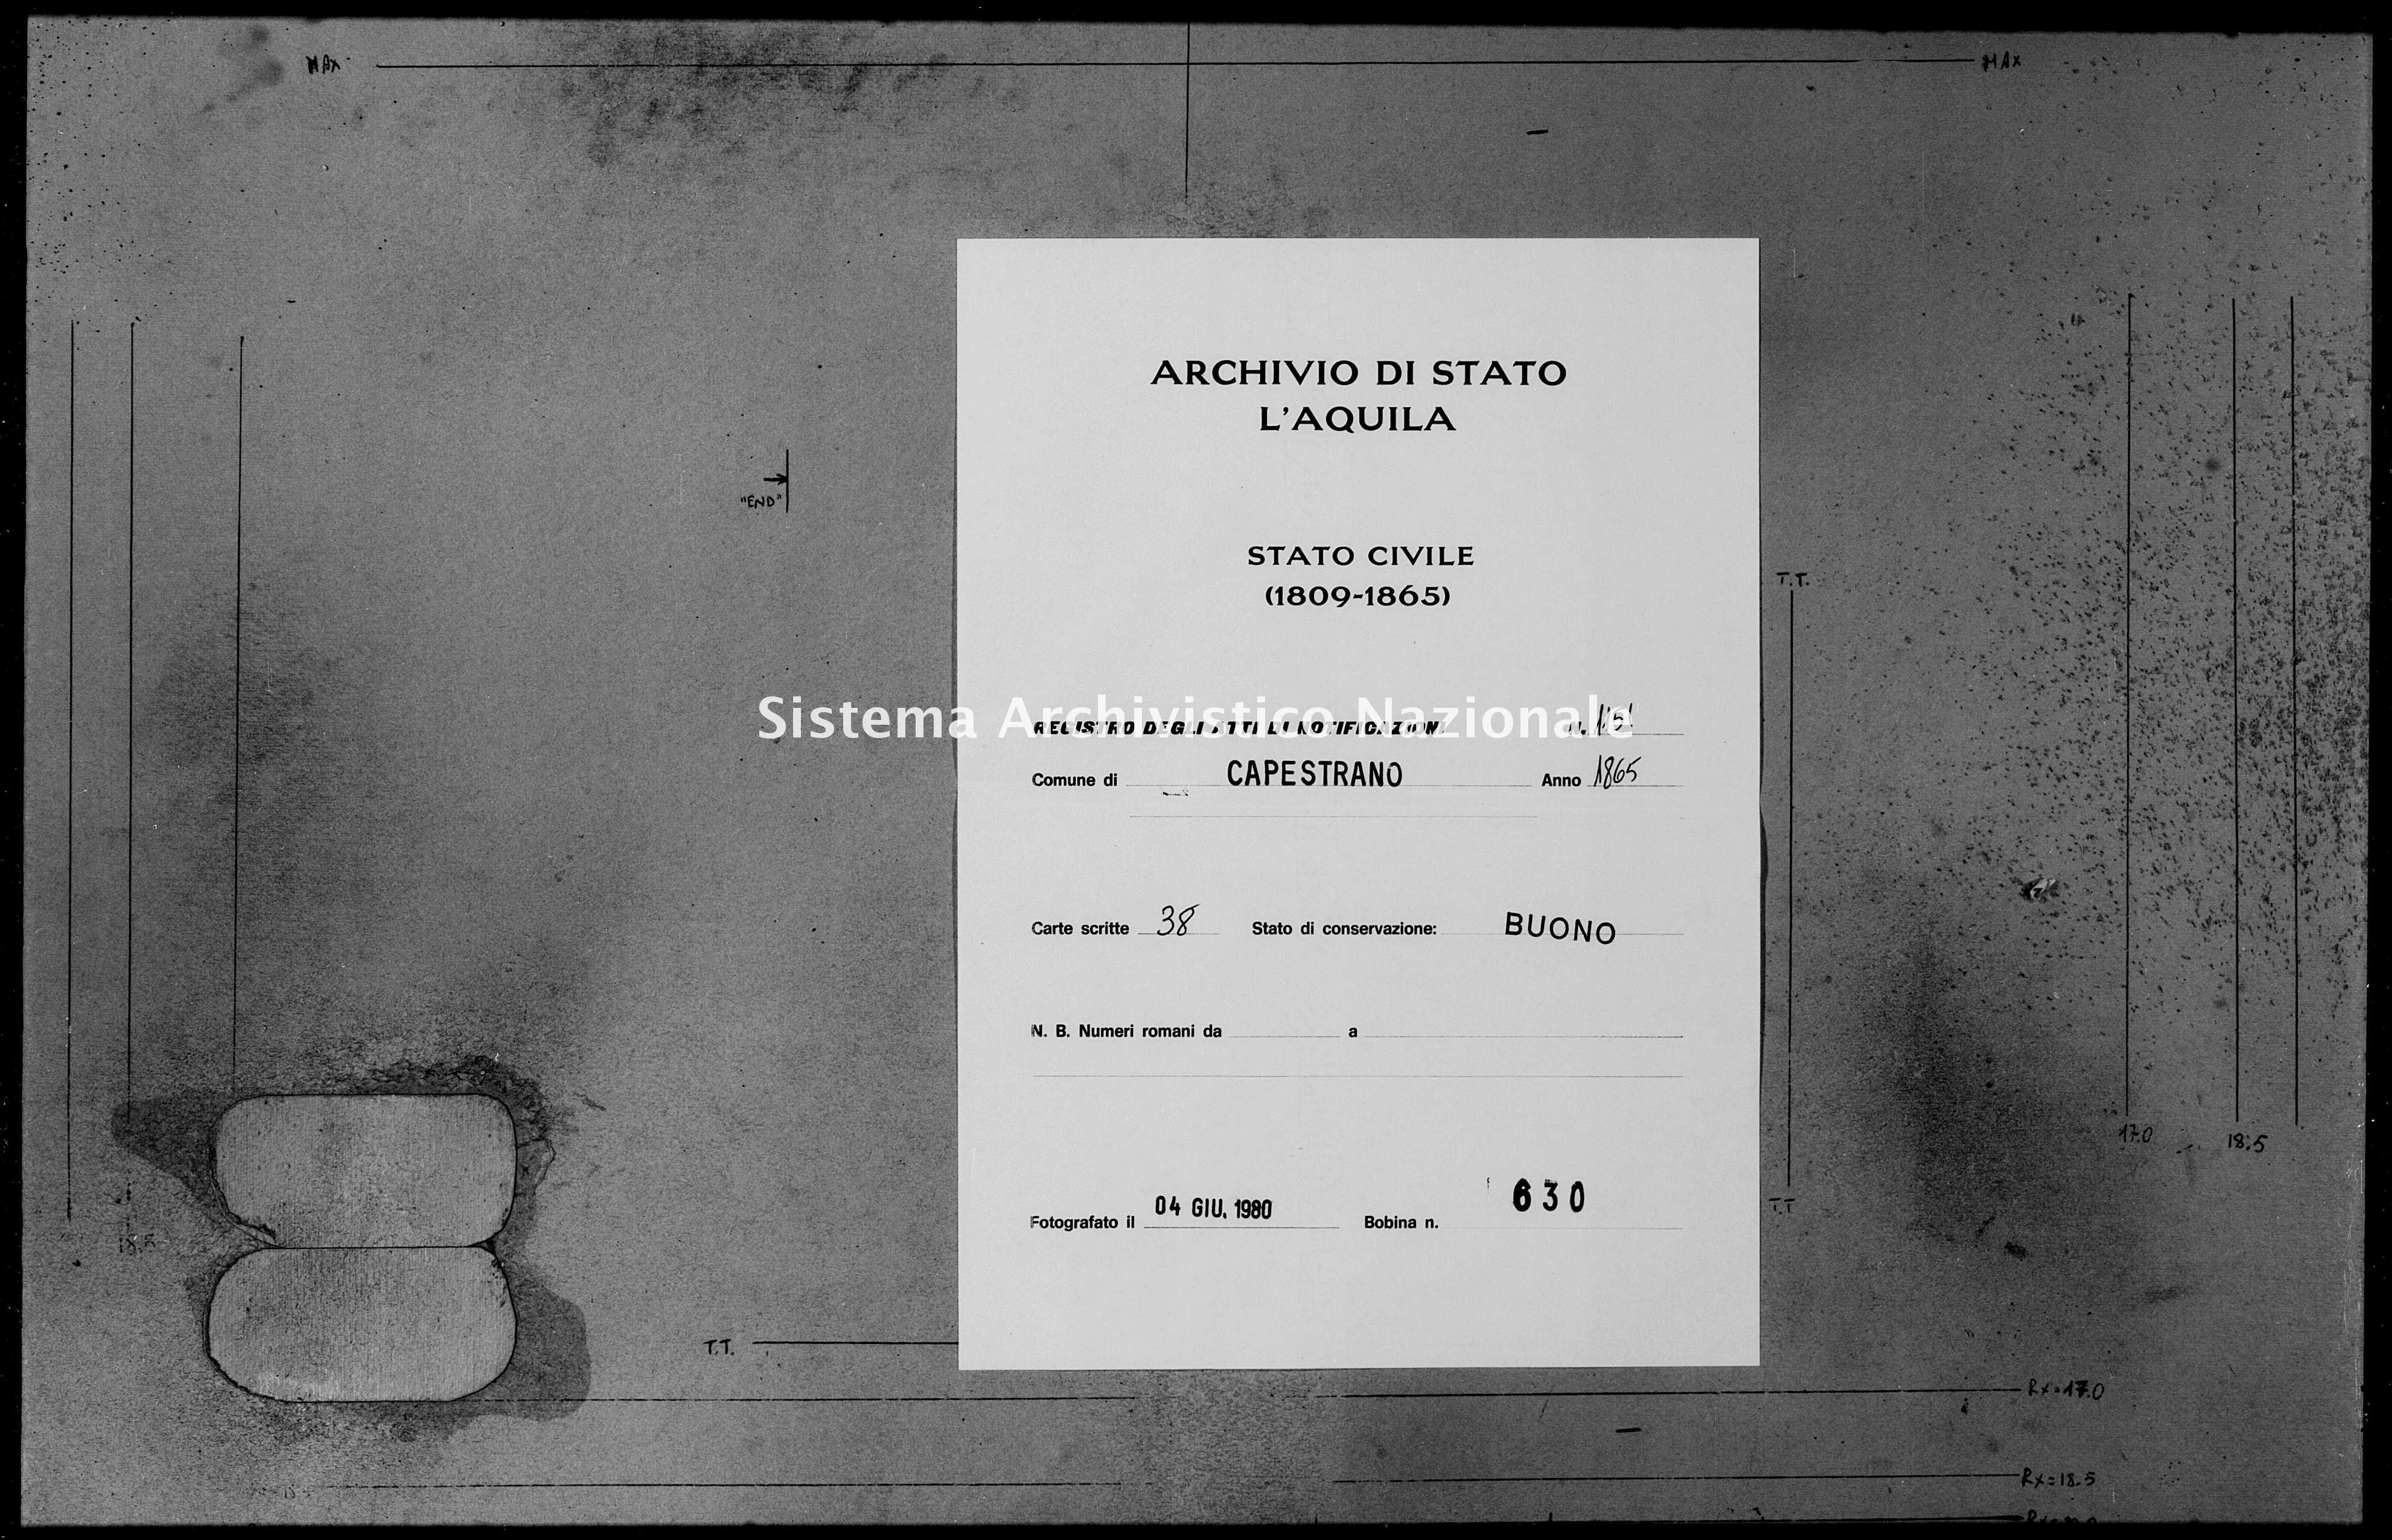 Archivio di stato di L'aquila - Stato civile italiano - Capestrano - Matrimoni, memorandum notificazioni ed opposizioni - 1865 - 1151 -